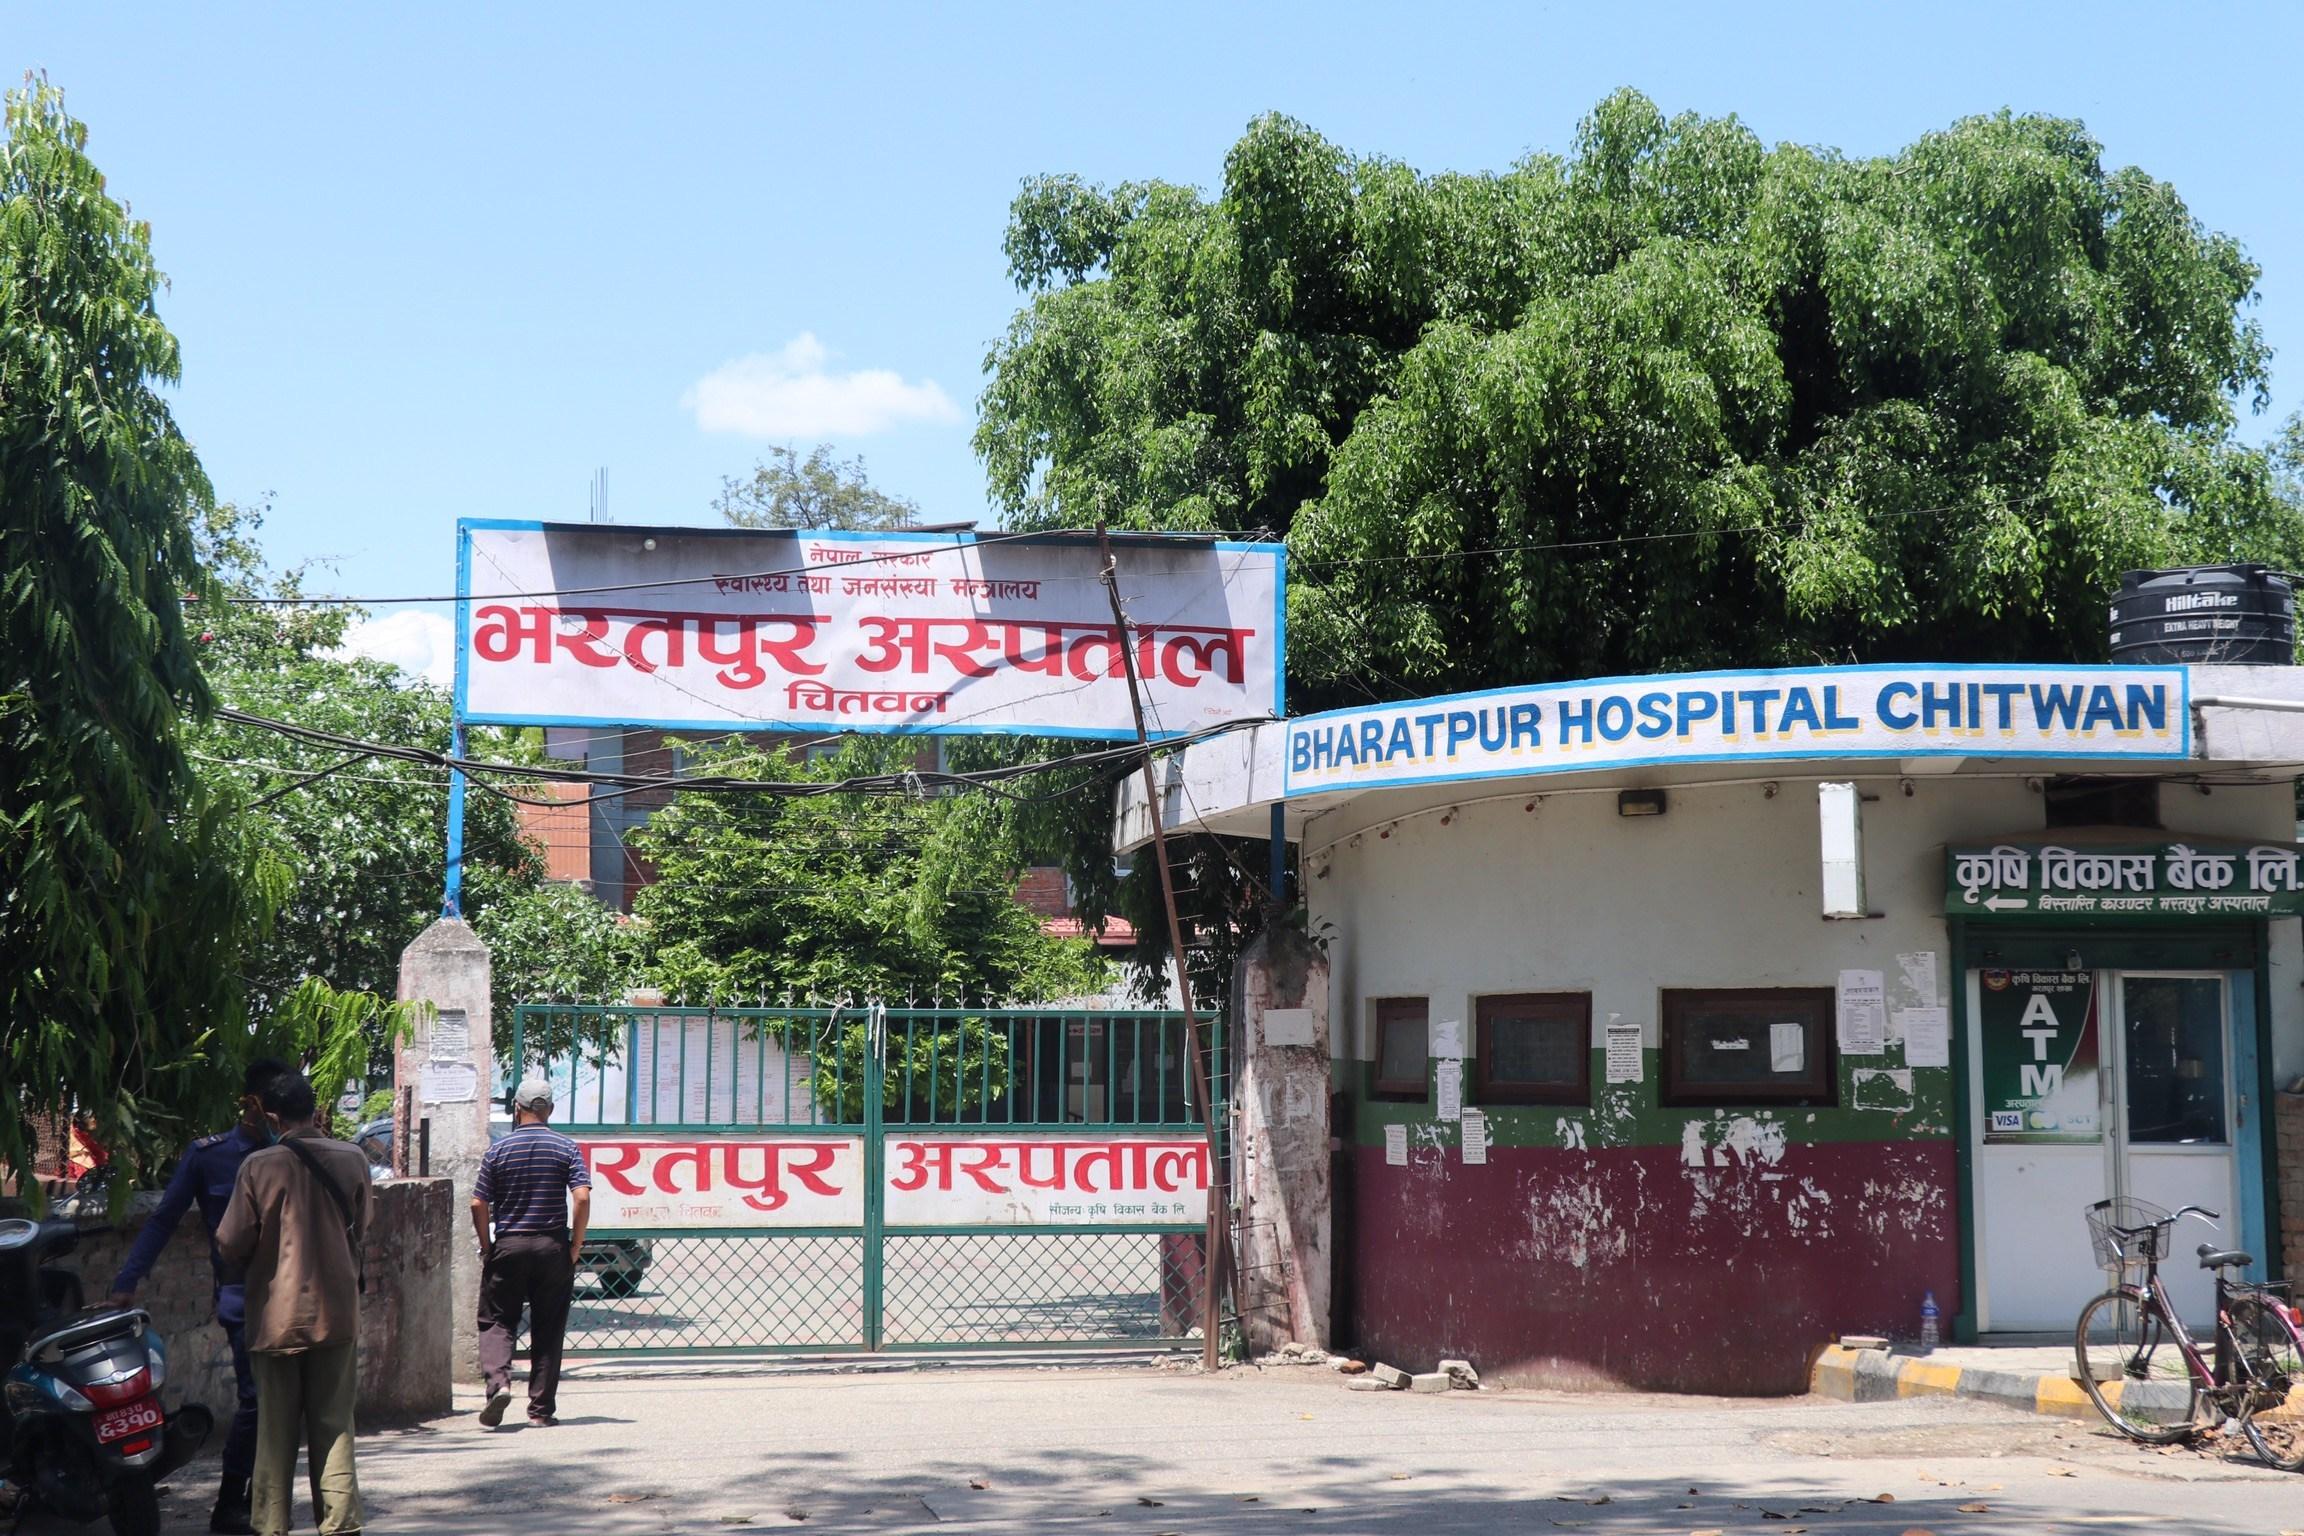 भरतपुर अस्पतालमा थप एक जना संक्रमित महिलाको मृत्यु